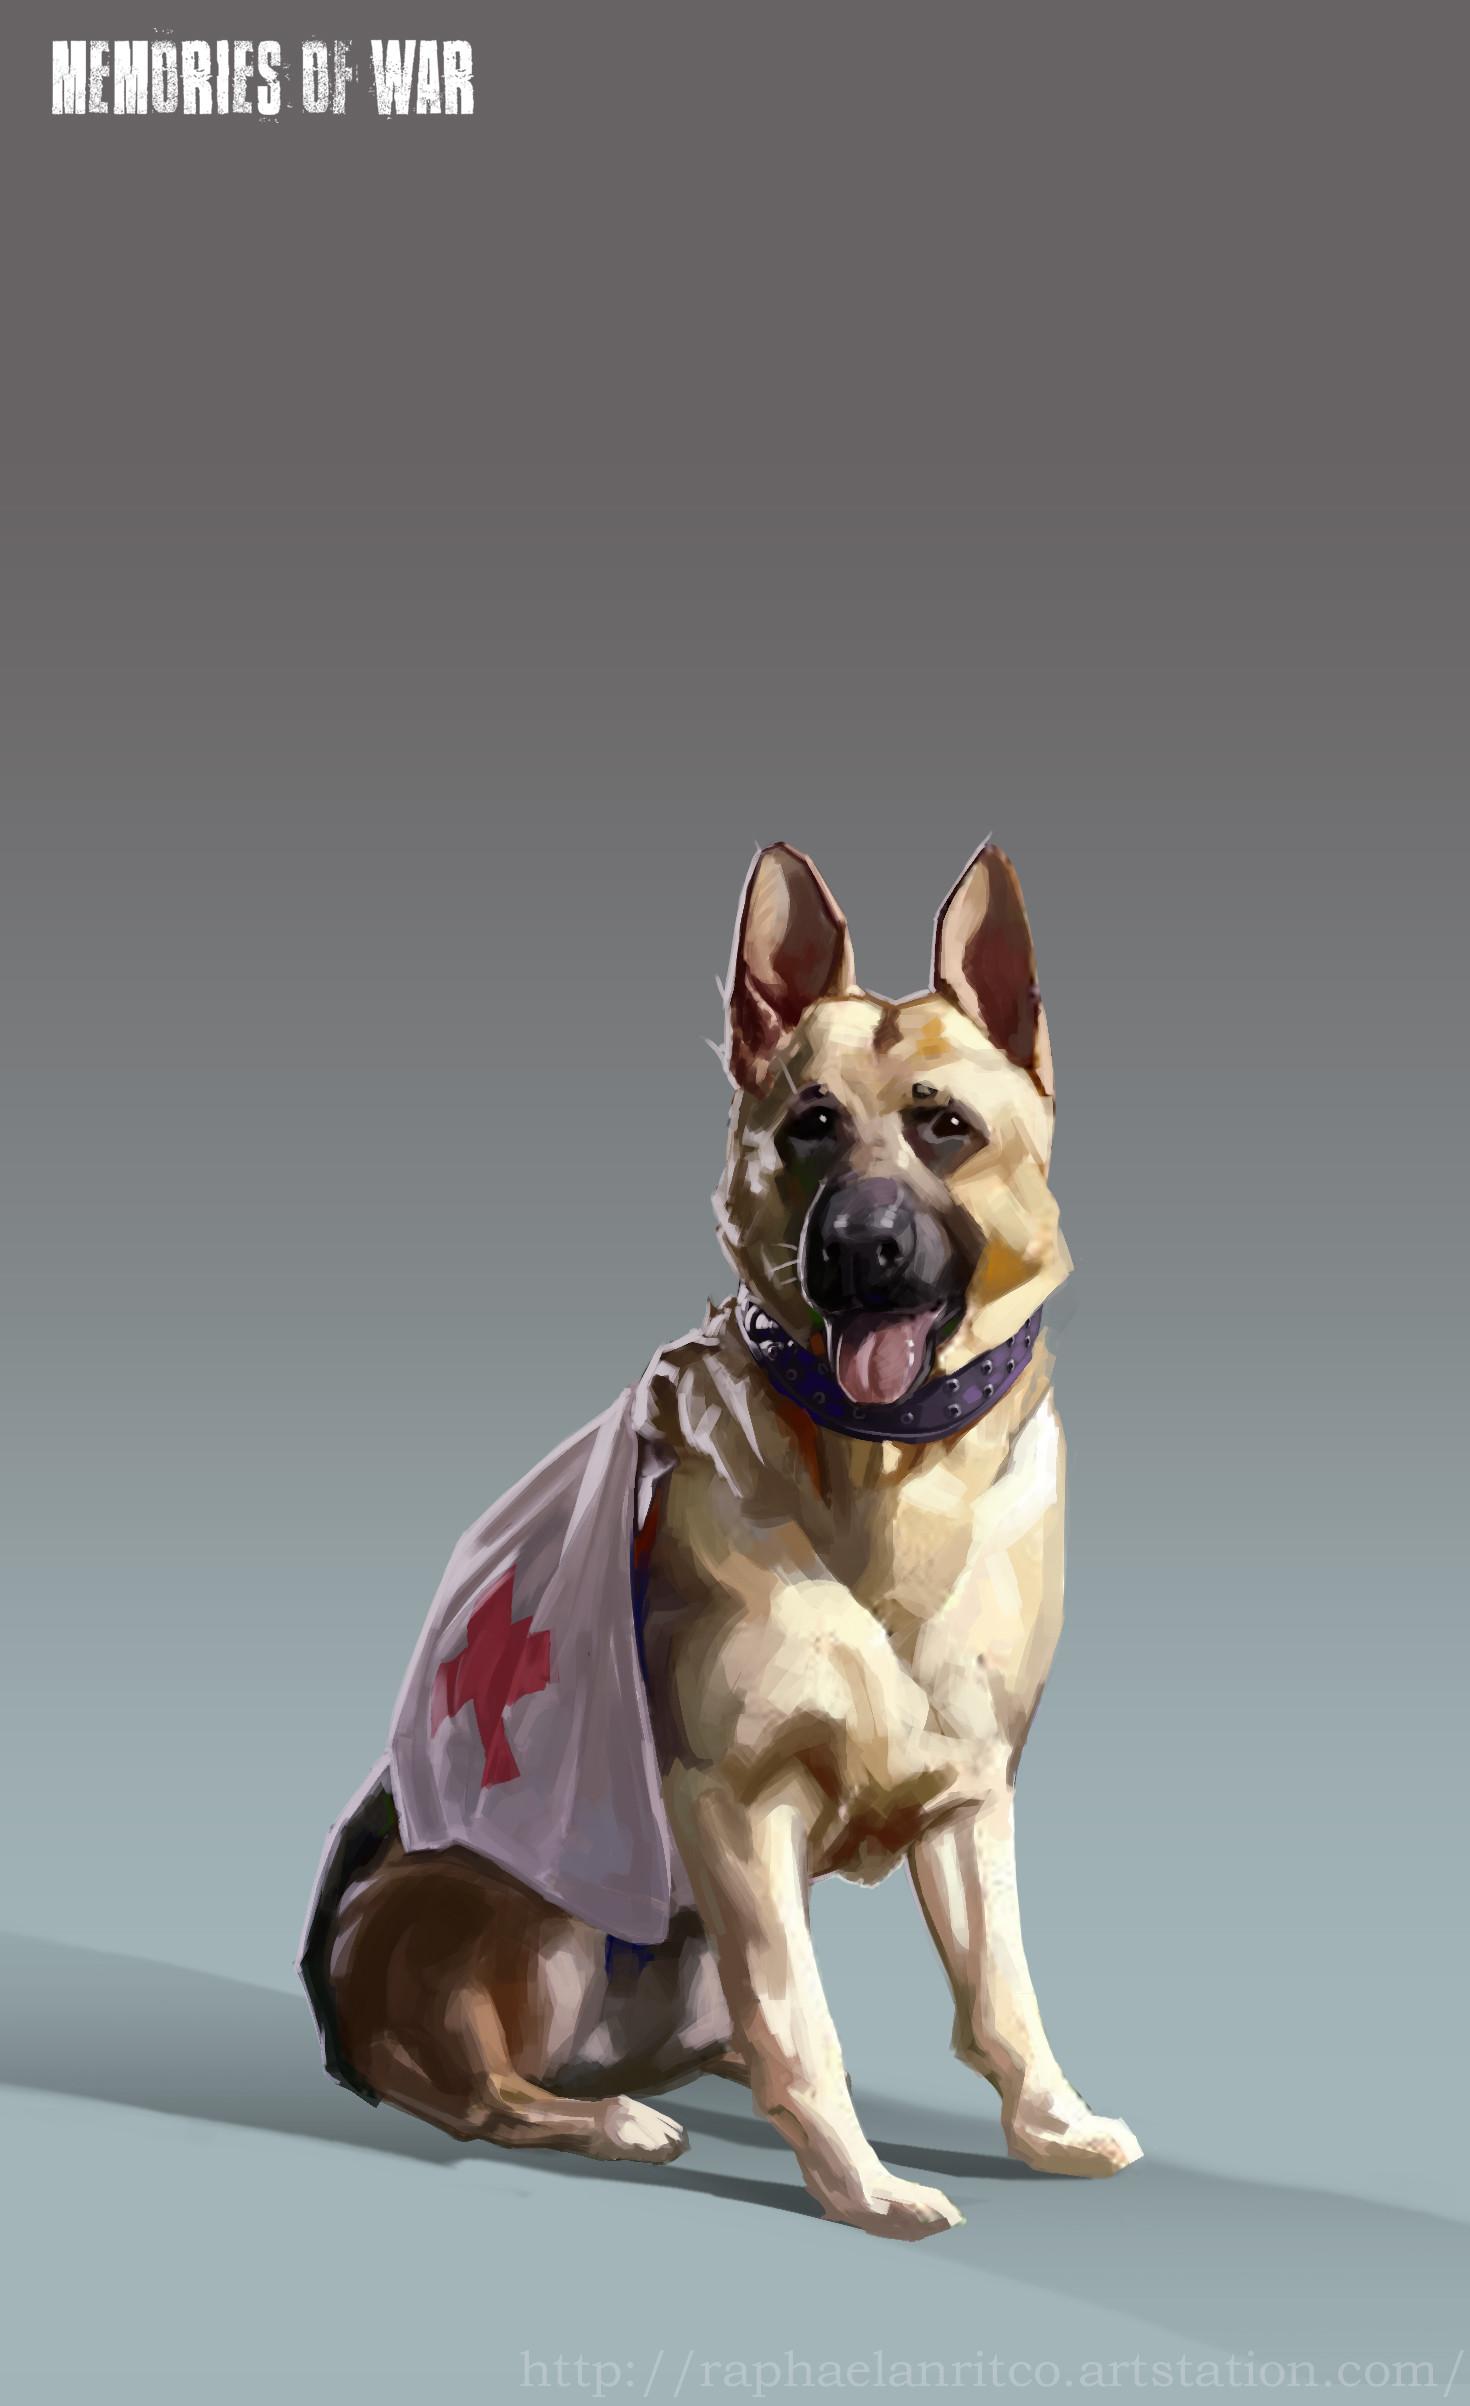 Nicolas morales 7 concept g civilians pathfinder dog final